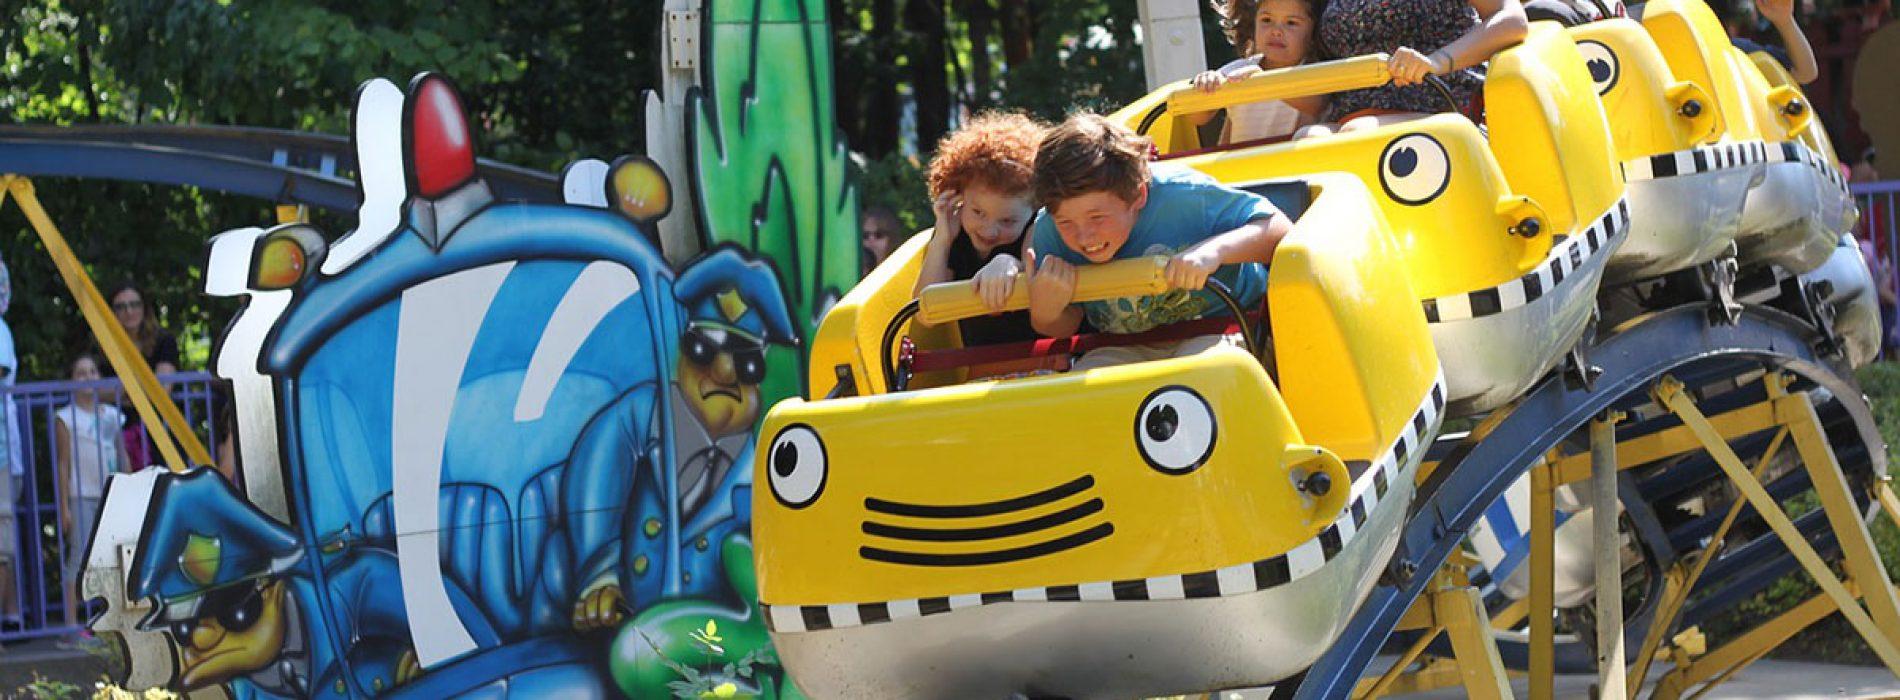 Parques de atracciones en España para disfrutar en familia